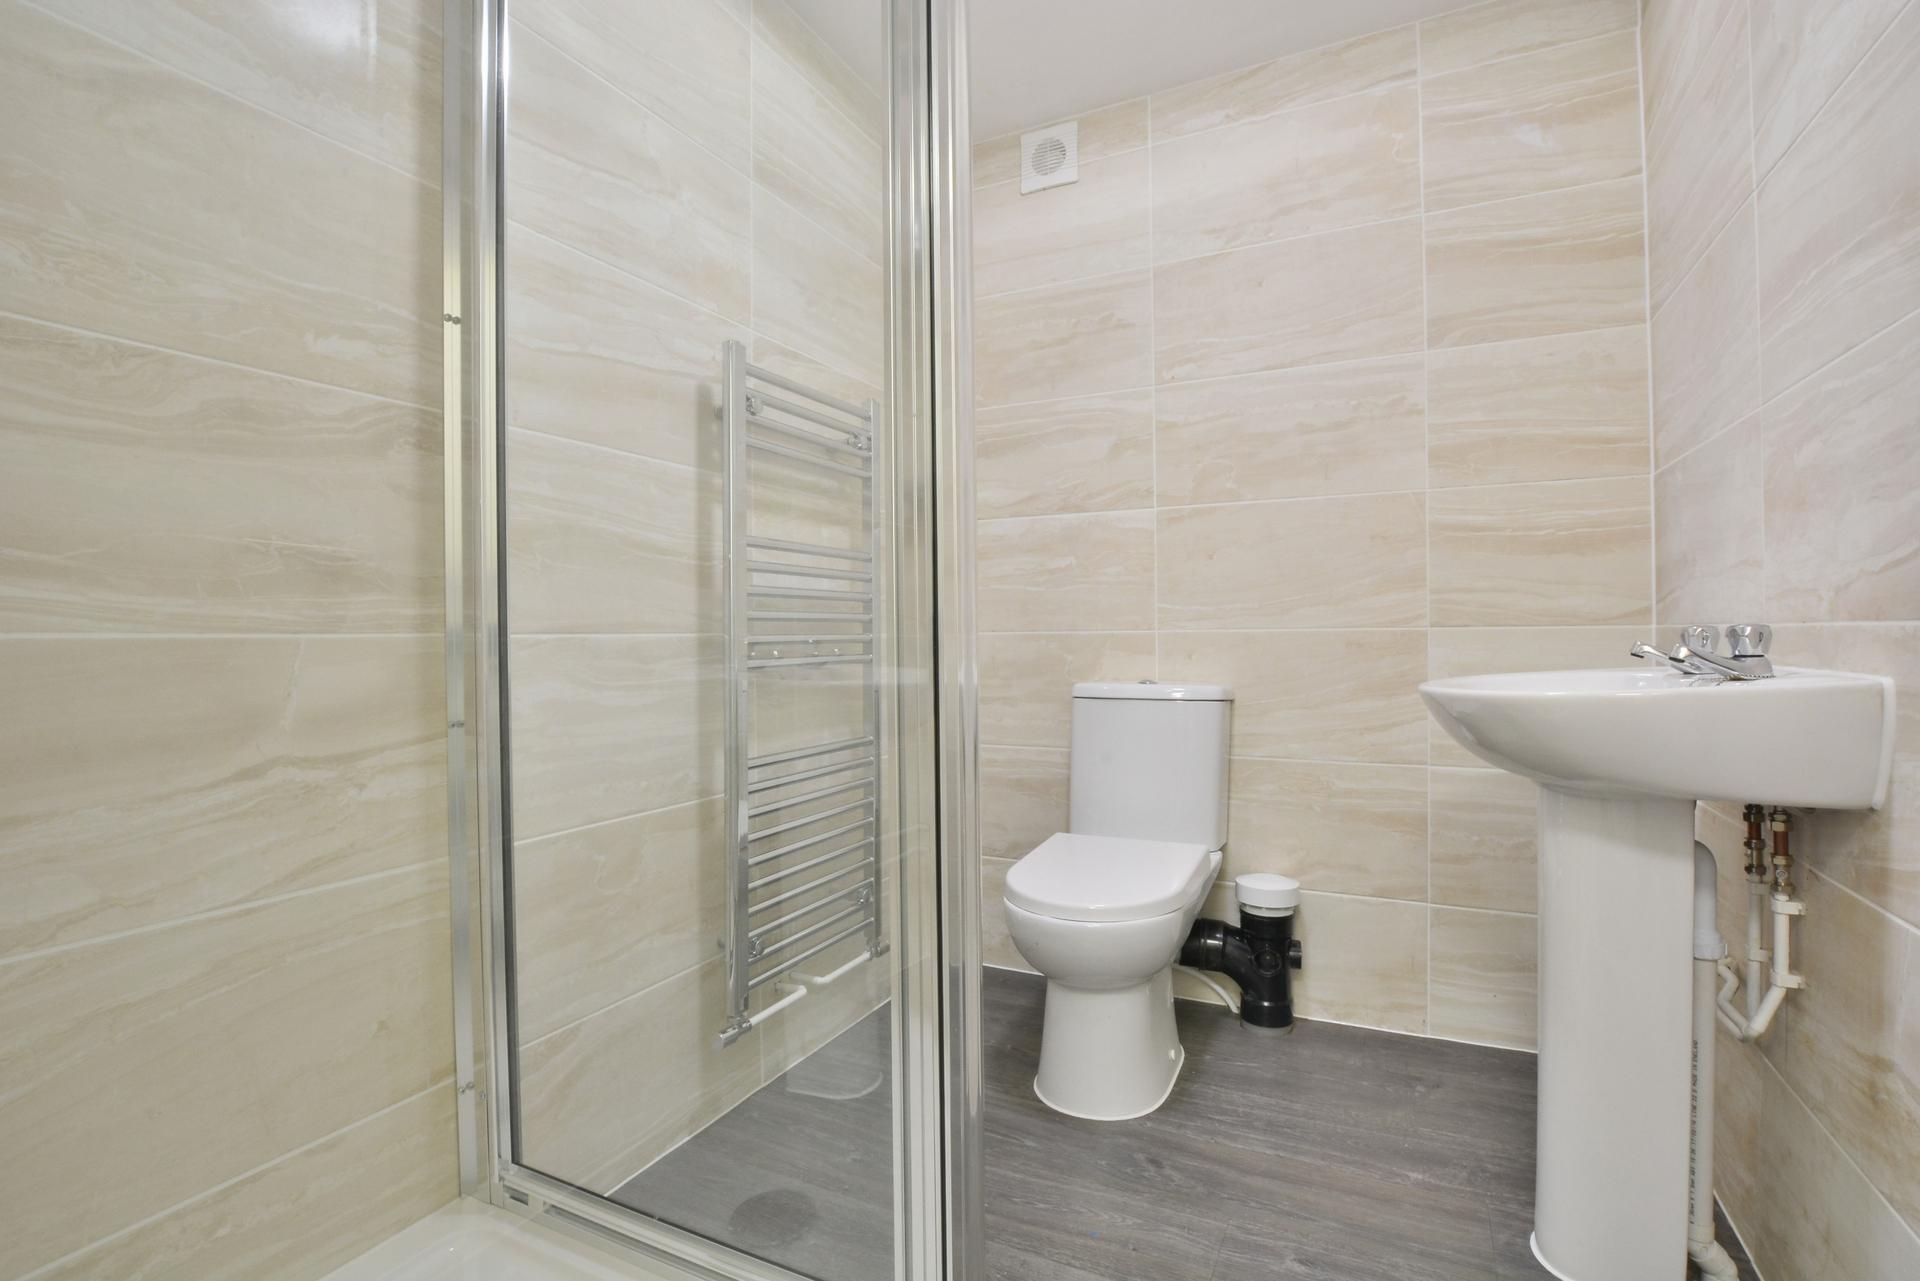 Shower & W/C